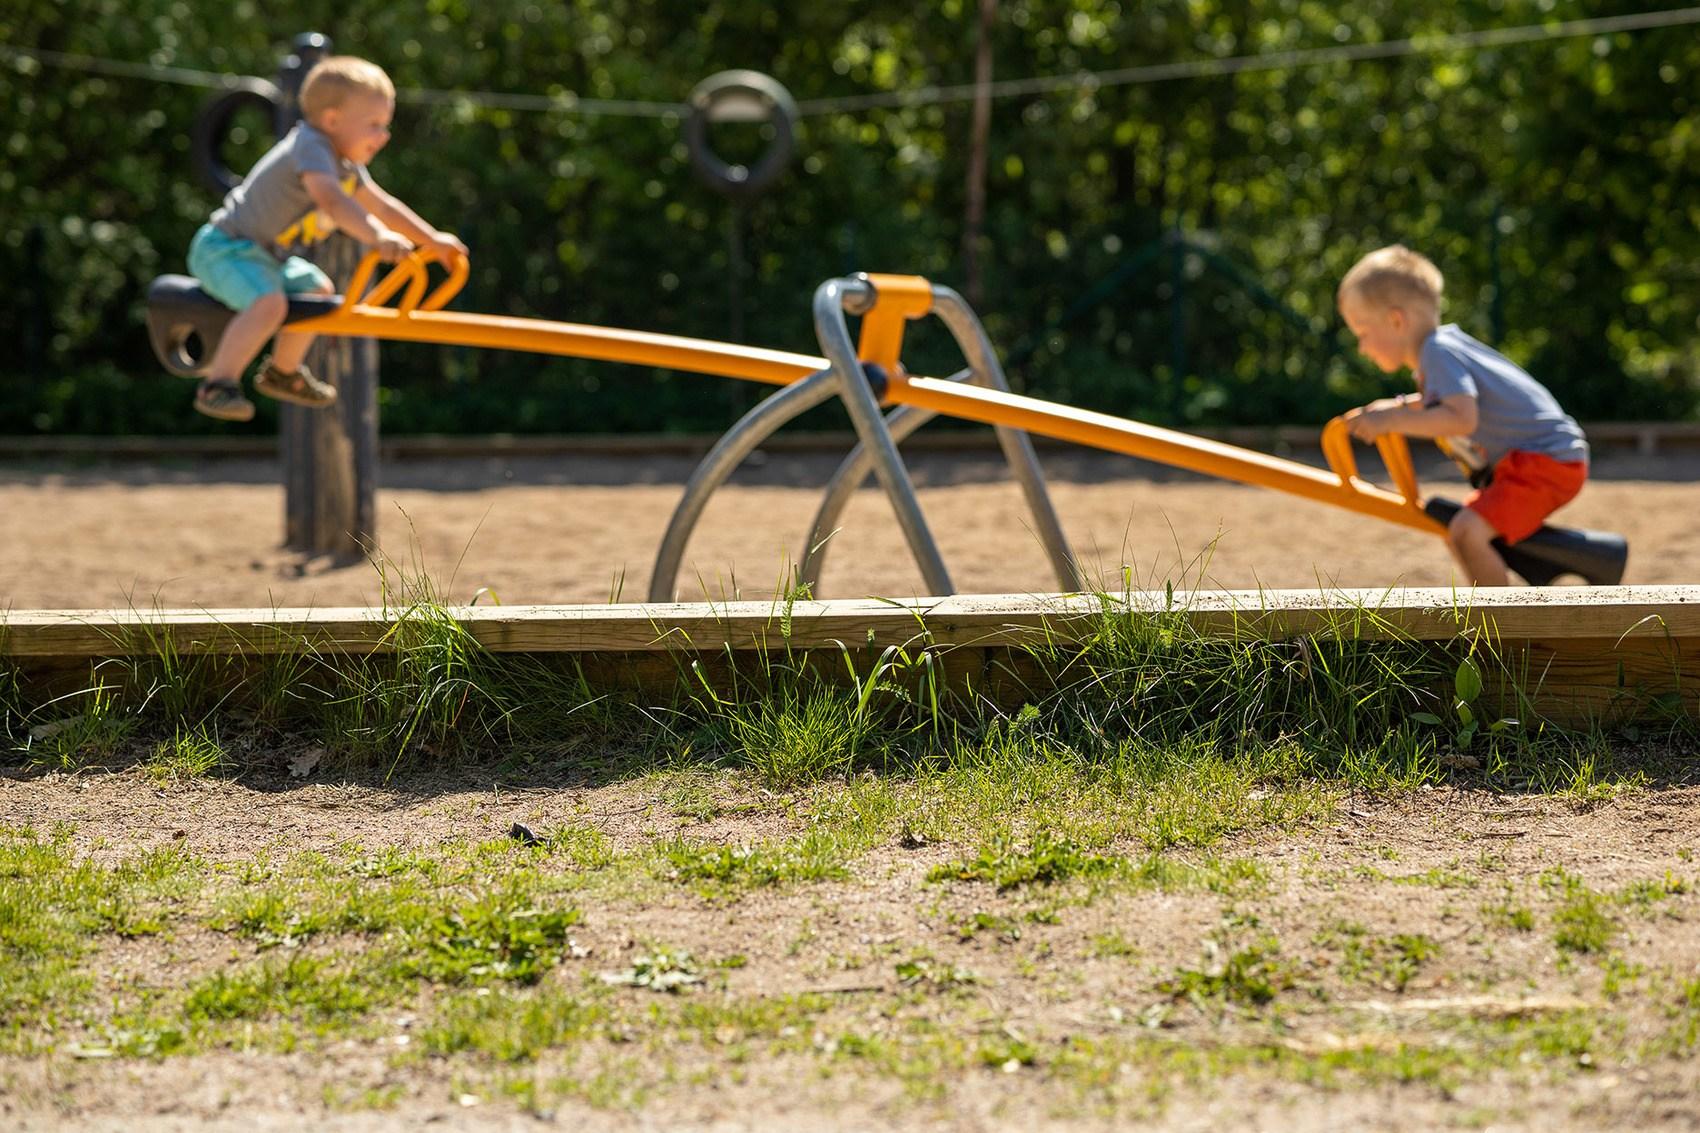 Två barn i en lekpark gungandes på varsin sida av en gul gungbräda